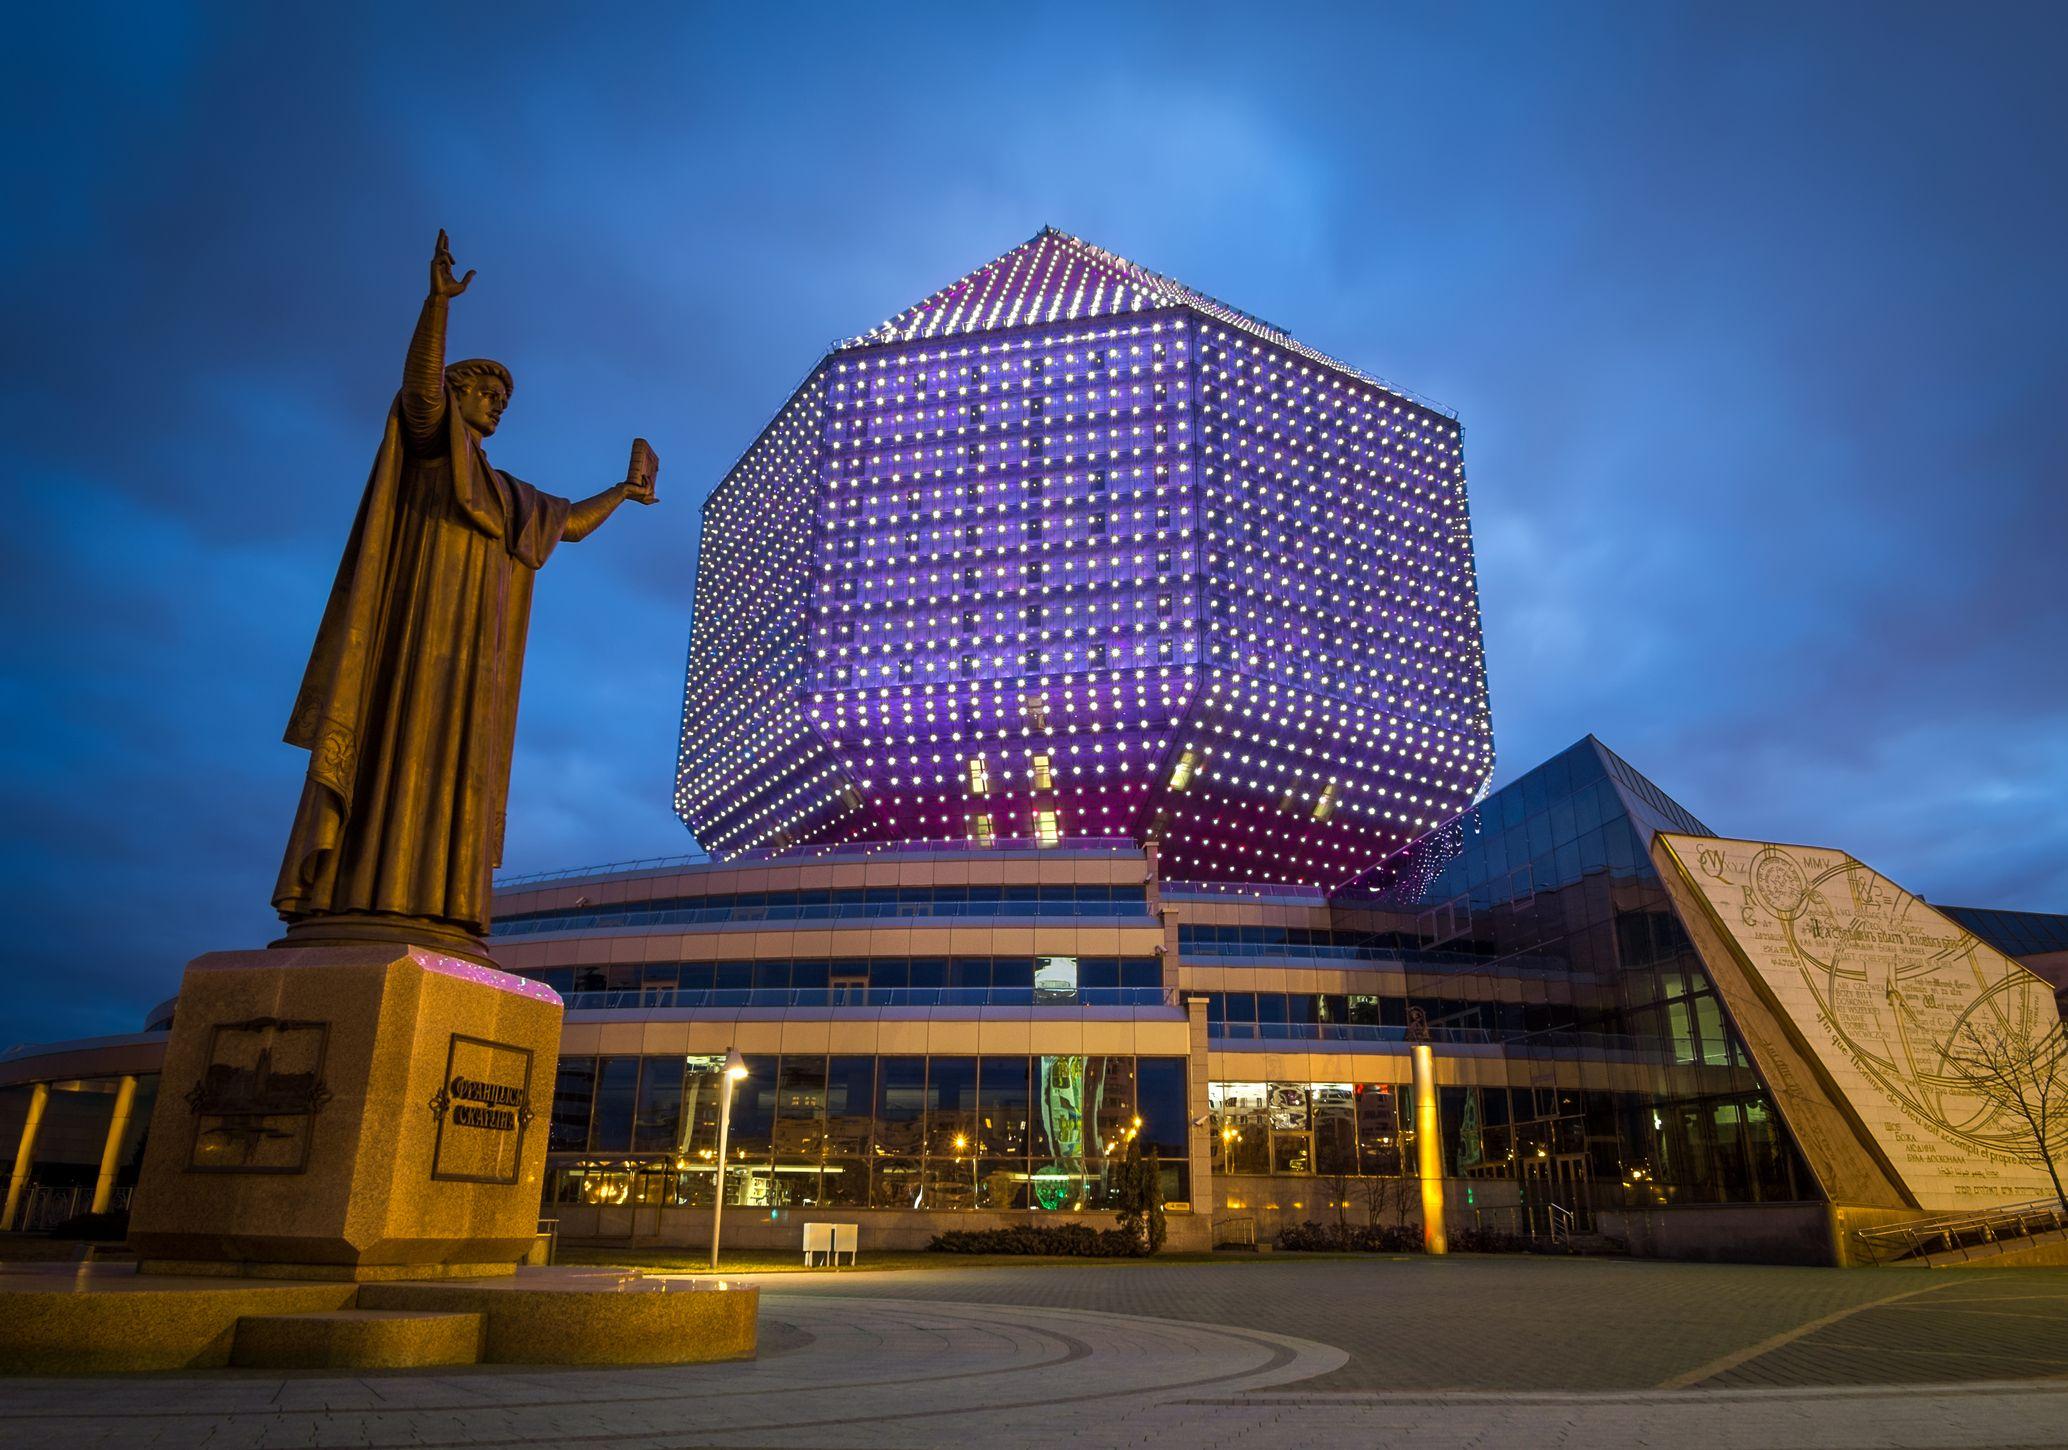 National Library Minsk Belarus C Foto821 Dreamstime Building Archi Design Photo